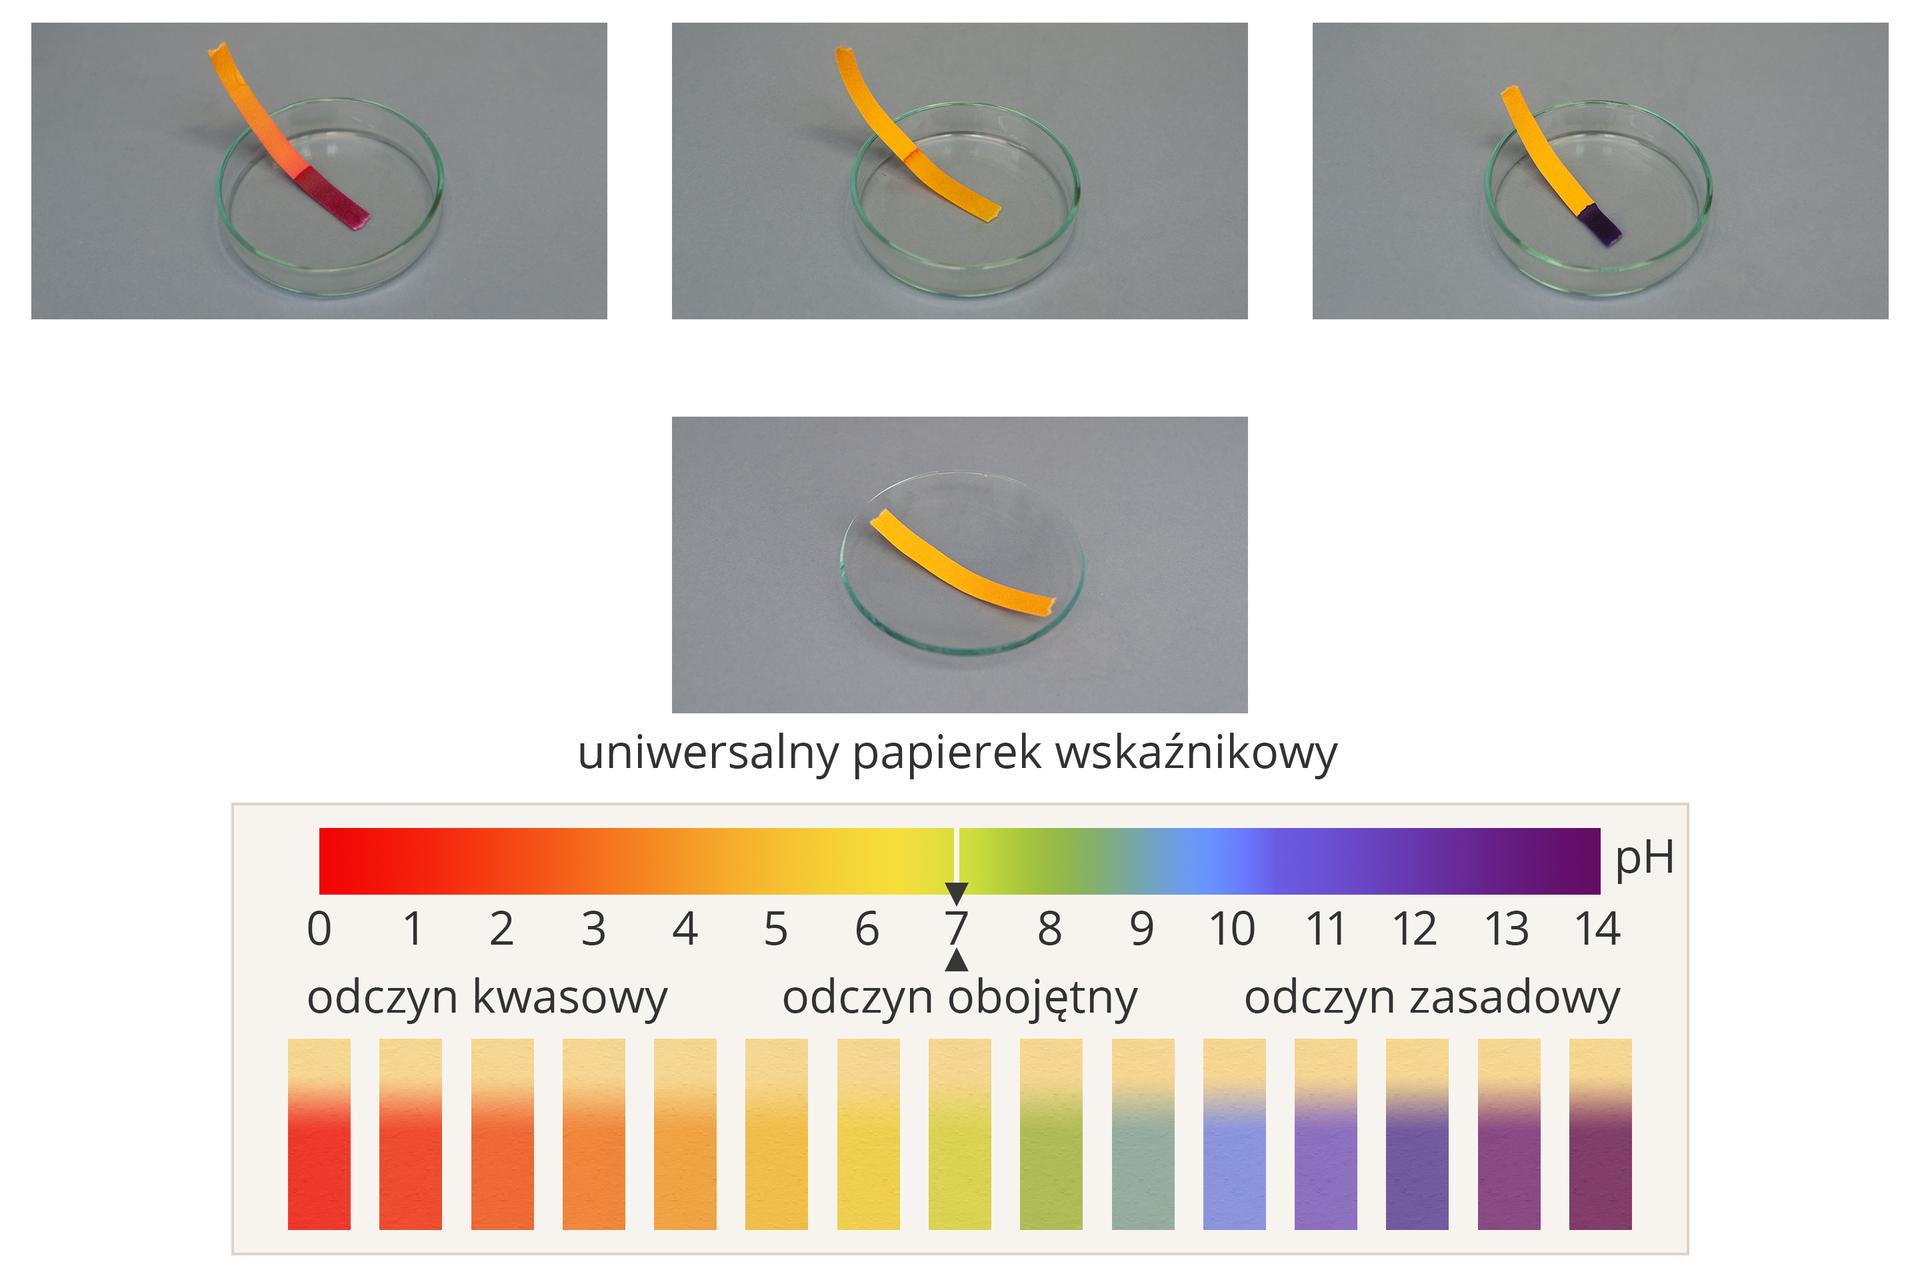 Ilustracja przedstawia zachowanie uniwersalnych papierków wskaźnikowych wroztworach oróżnym odczycie. Wśrodkowej części obrazka znajduje się podpisane zdjęcie nieużywanego uniwersalnego papierka wskaźnikowego leżącego na szkiełku zegarkowym. Papierek ma kolor żółtopomarańczowy. Powyżej wjednym szeregu umieszczono trzy zdjęcia przedstawiające papierki włożone do roztworów znajdujących się wszklanych szalkach Petriego. Roztwór zlewej strony ma odczyn mocno kwasowy, część zanurzona papierka przybrała barwę wiśniową. Roztwór na zdjęciu centralnym jest neutralny, ponieważ papierek jest wilgotny, ale praktycznie nie zmienił koloru. Roztwór po prawej stronie jest mocno zasadowy, ponieważ mokra część papierka ma kolor granatowy. Wdolnej części ilustracji znajduje się skala kwasowości wraz zkodem barwnym papierków wskaźnikowych, jakie papierki te przybierają wśrodowiskach oróżnym odczynie. Kolorystyka ta zmienia się od barwy czerwonej dla niskich wartości pH, przez pomarańczową, żółtą, zieloną, niebieską, fioletową, aż do ciemnofioletowej. dla pH wysokich.